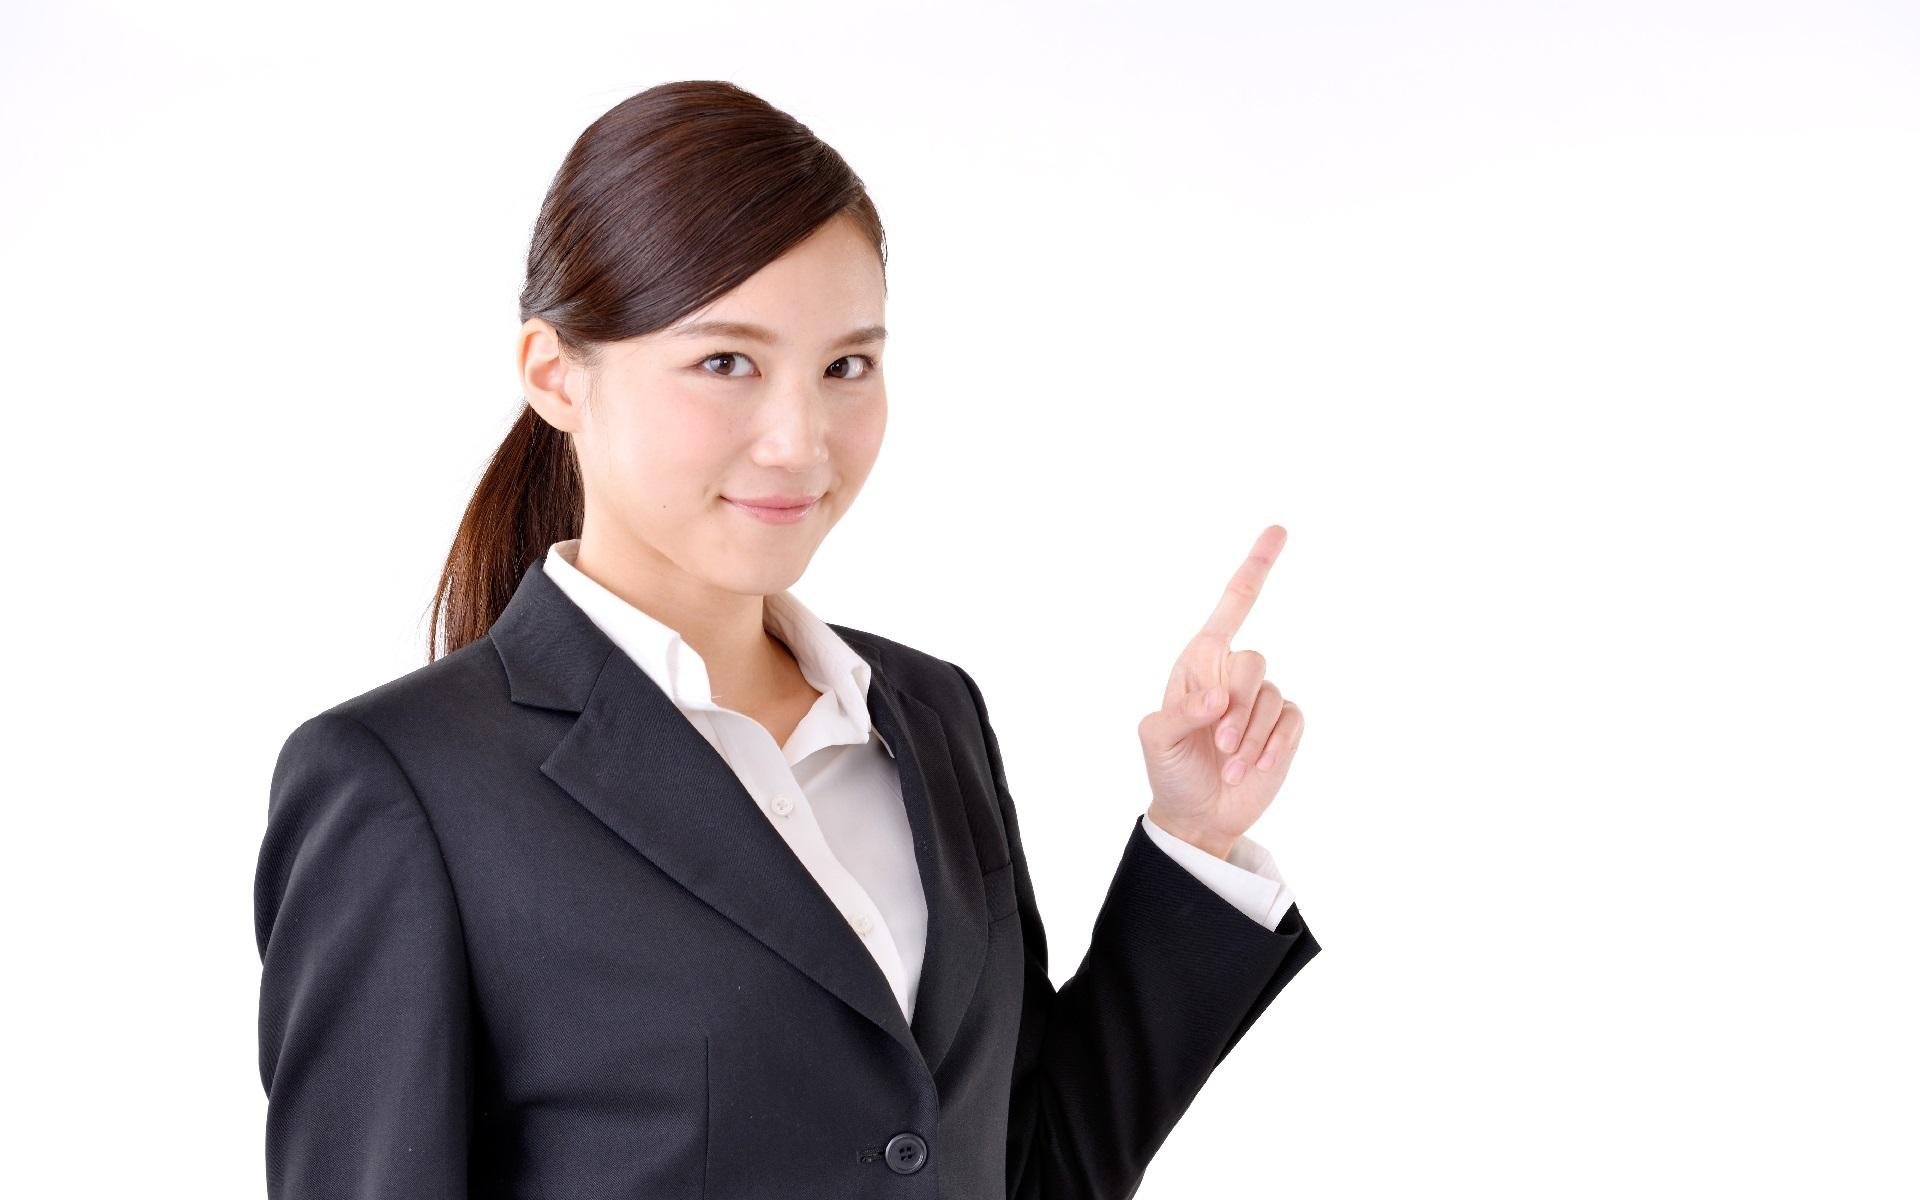 【キャリア】合併を理由とした転職活動